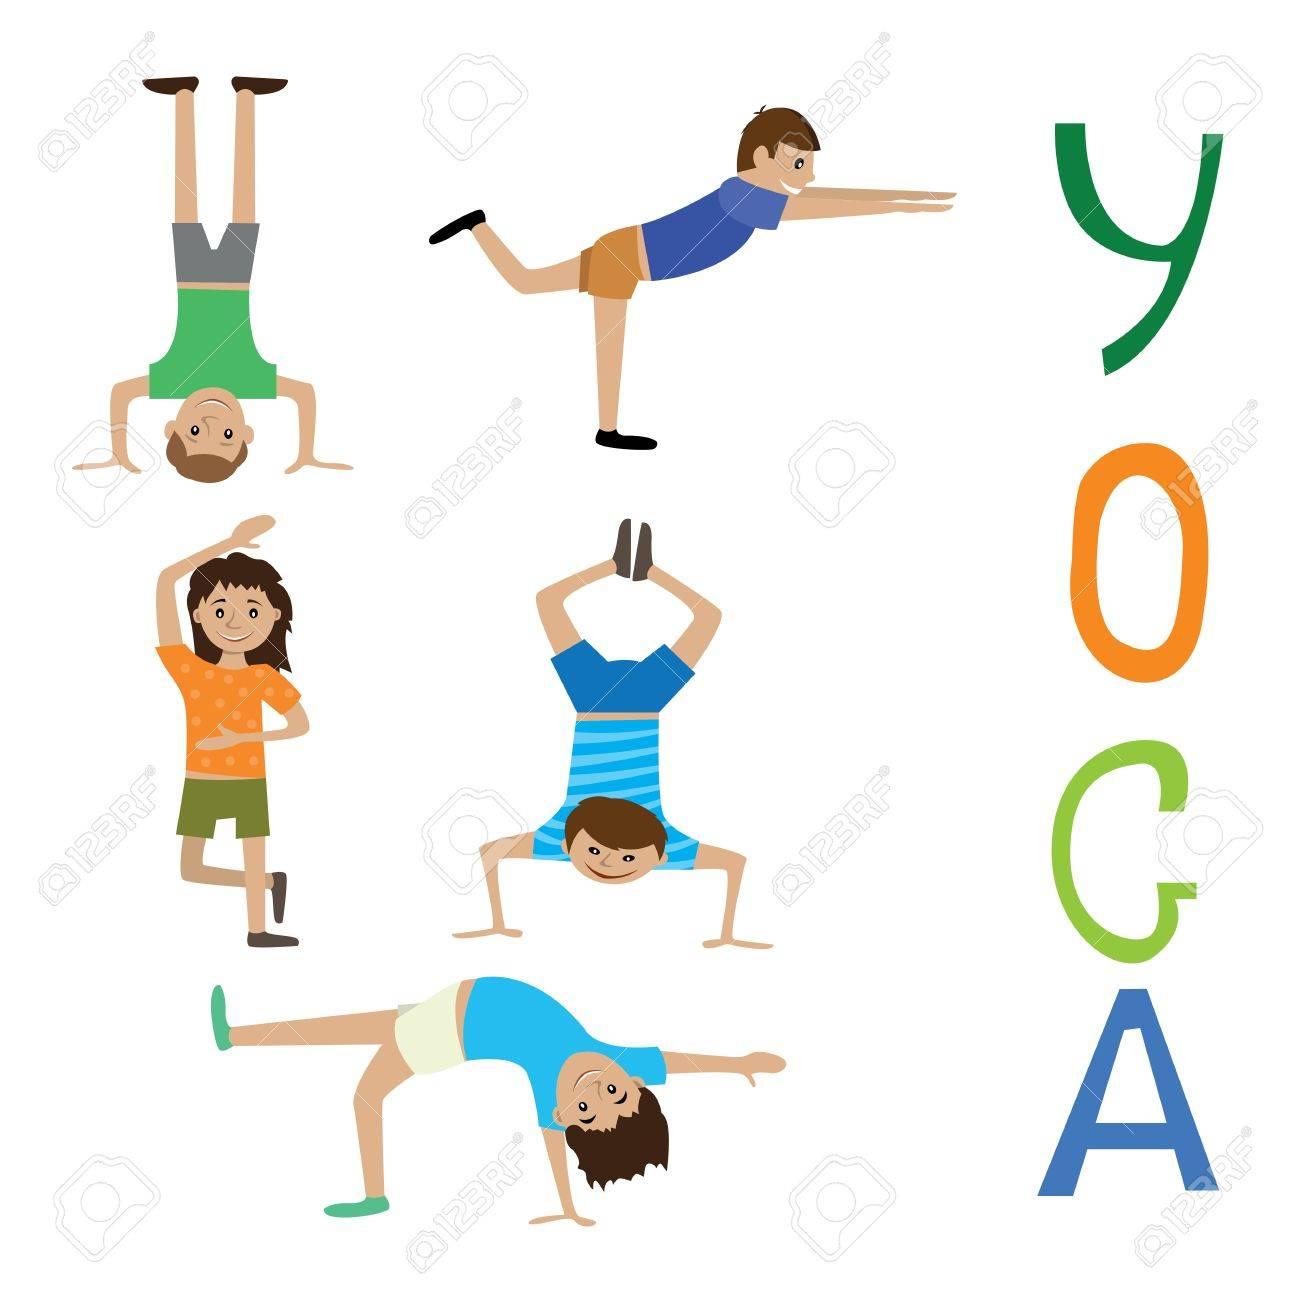 Ilustracion Vectorial De Ejercicios De Yoga Para Ninos Juego Ilustraciones Vectoriales Clip Art Vectorizado Libre De Derechos Image 60574263